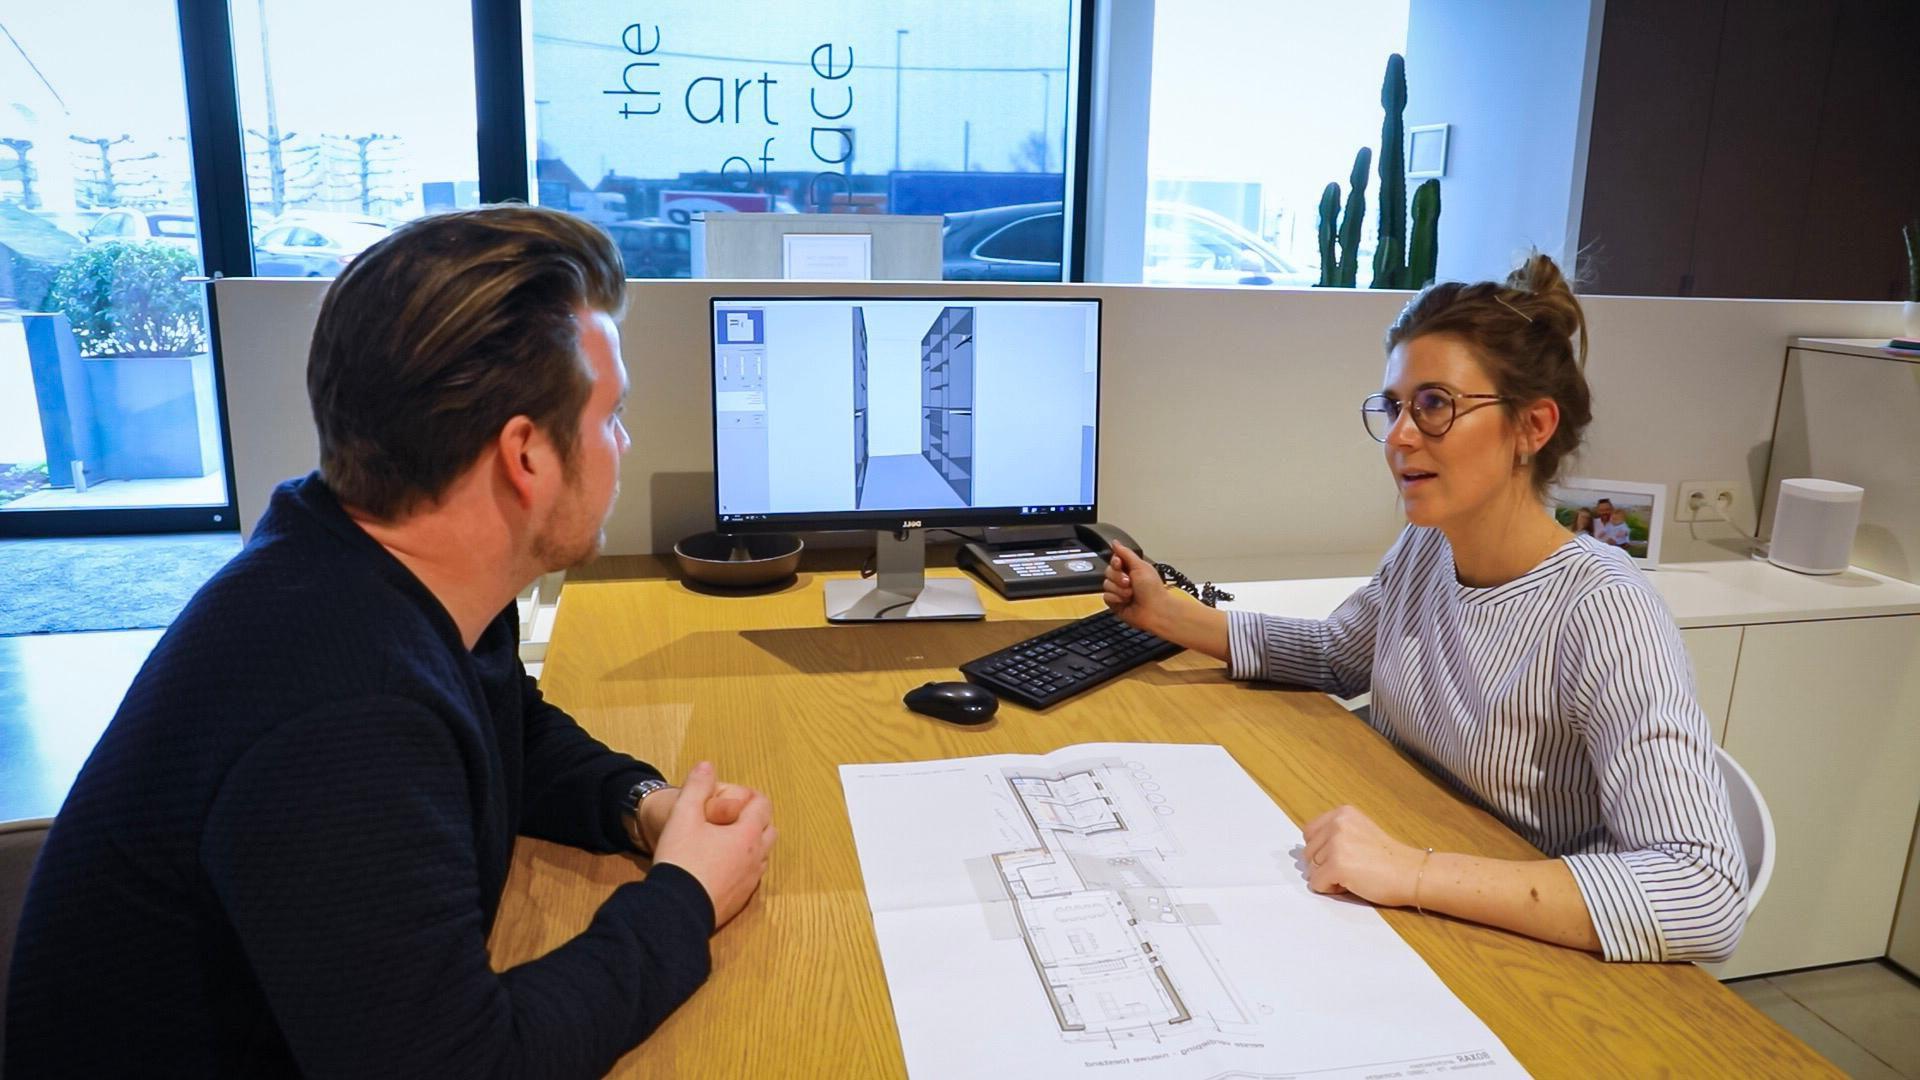 Onze interieuradviseur geeft vrijblijvend advies over maatkasten en brengt deze tot leven met een 3D-ontwerp.